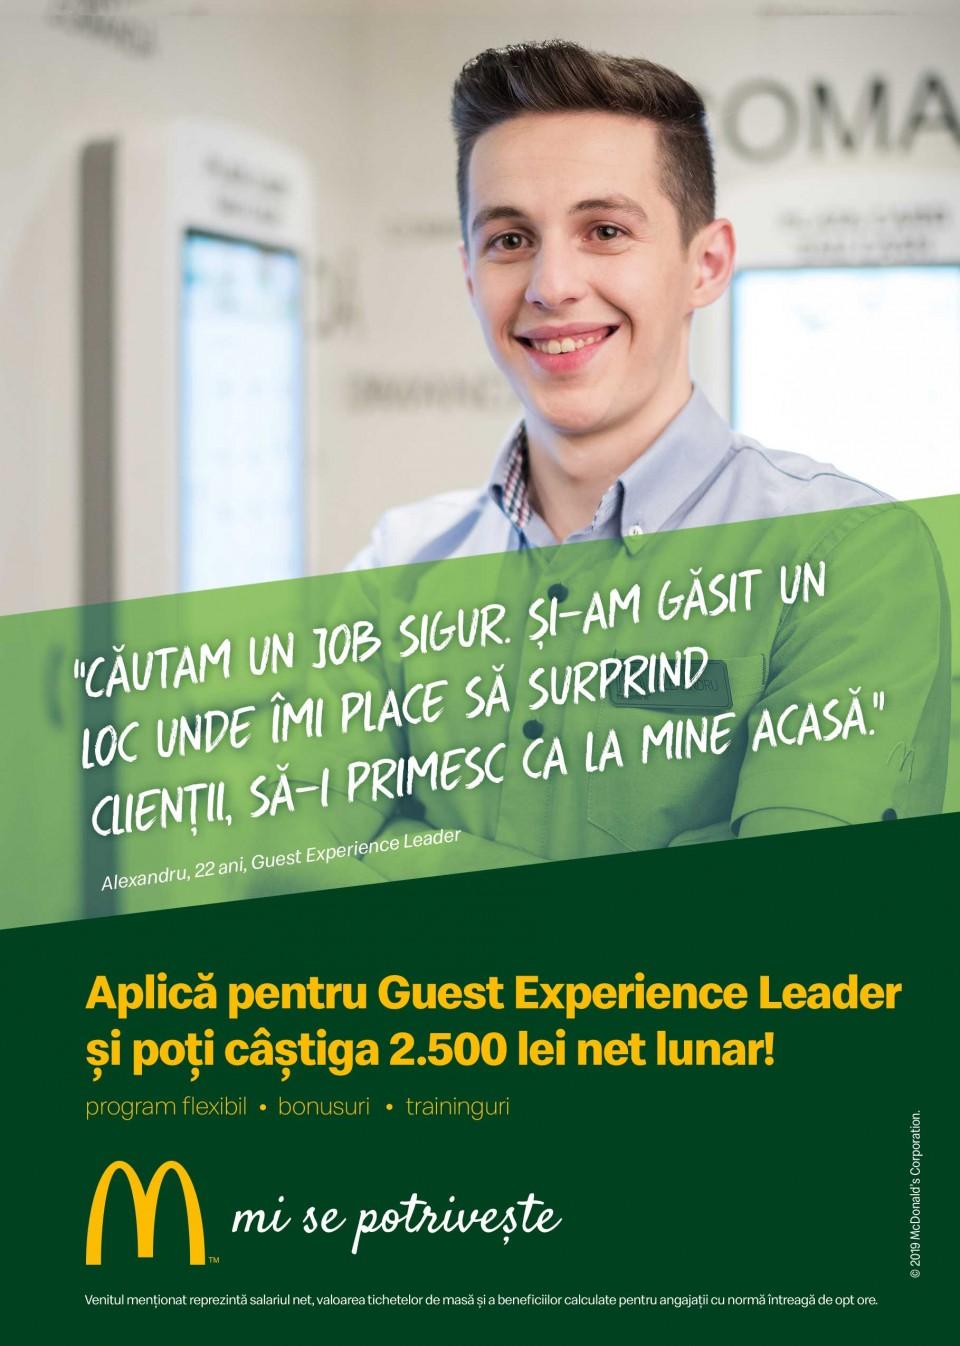 Cei 5.000 de angajați ai McDonald's în România știu ce înseamnă puterea unui zâmbet.  Echipa McDonald's e formată din oameni muncitori, ambițioși, pentru care interacțiunea cu alți oameni este o bucurie. În fiecare zi, angajații McDonald's întâmpină peste 210.000 de clienți. Ne dorim să aducem în echipa noastră colegi dornici să învețe și să crească în cadrul unei echipe puternice și ambițioase.  McDonald's a deschis primul restaurant în România pe 16 iunie 1995, în Unirea Shopping Center din București. A fost primul pas în construirea unei povești de succes, care se dezvoltă în fiecare an.  În 2016, McDonald's în România a devenit Premier Restaurants România, ca urmare a parteneriatului pentru dezvoltare încheiat cu Premier Capital, compania malteză care coordonează operațiunile McDonald's din șase țări europene: Estonia, Grecia, Letonia, Lituania, Malta și România.  Astăzi, McDonald's are 78 de restaurante în 23 de orașe din România și este liderul pieței de restaurante cu servire rapidă. În același timp, lanțul McCafé, are în prezent 33 de cafenele în România și crește de la an la an.